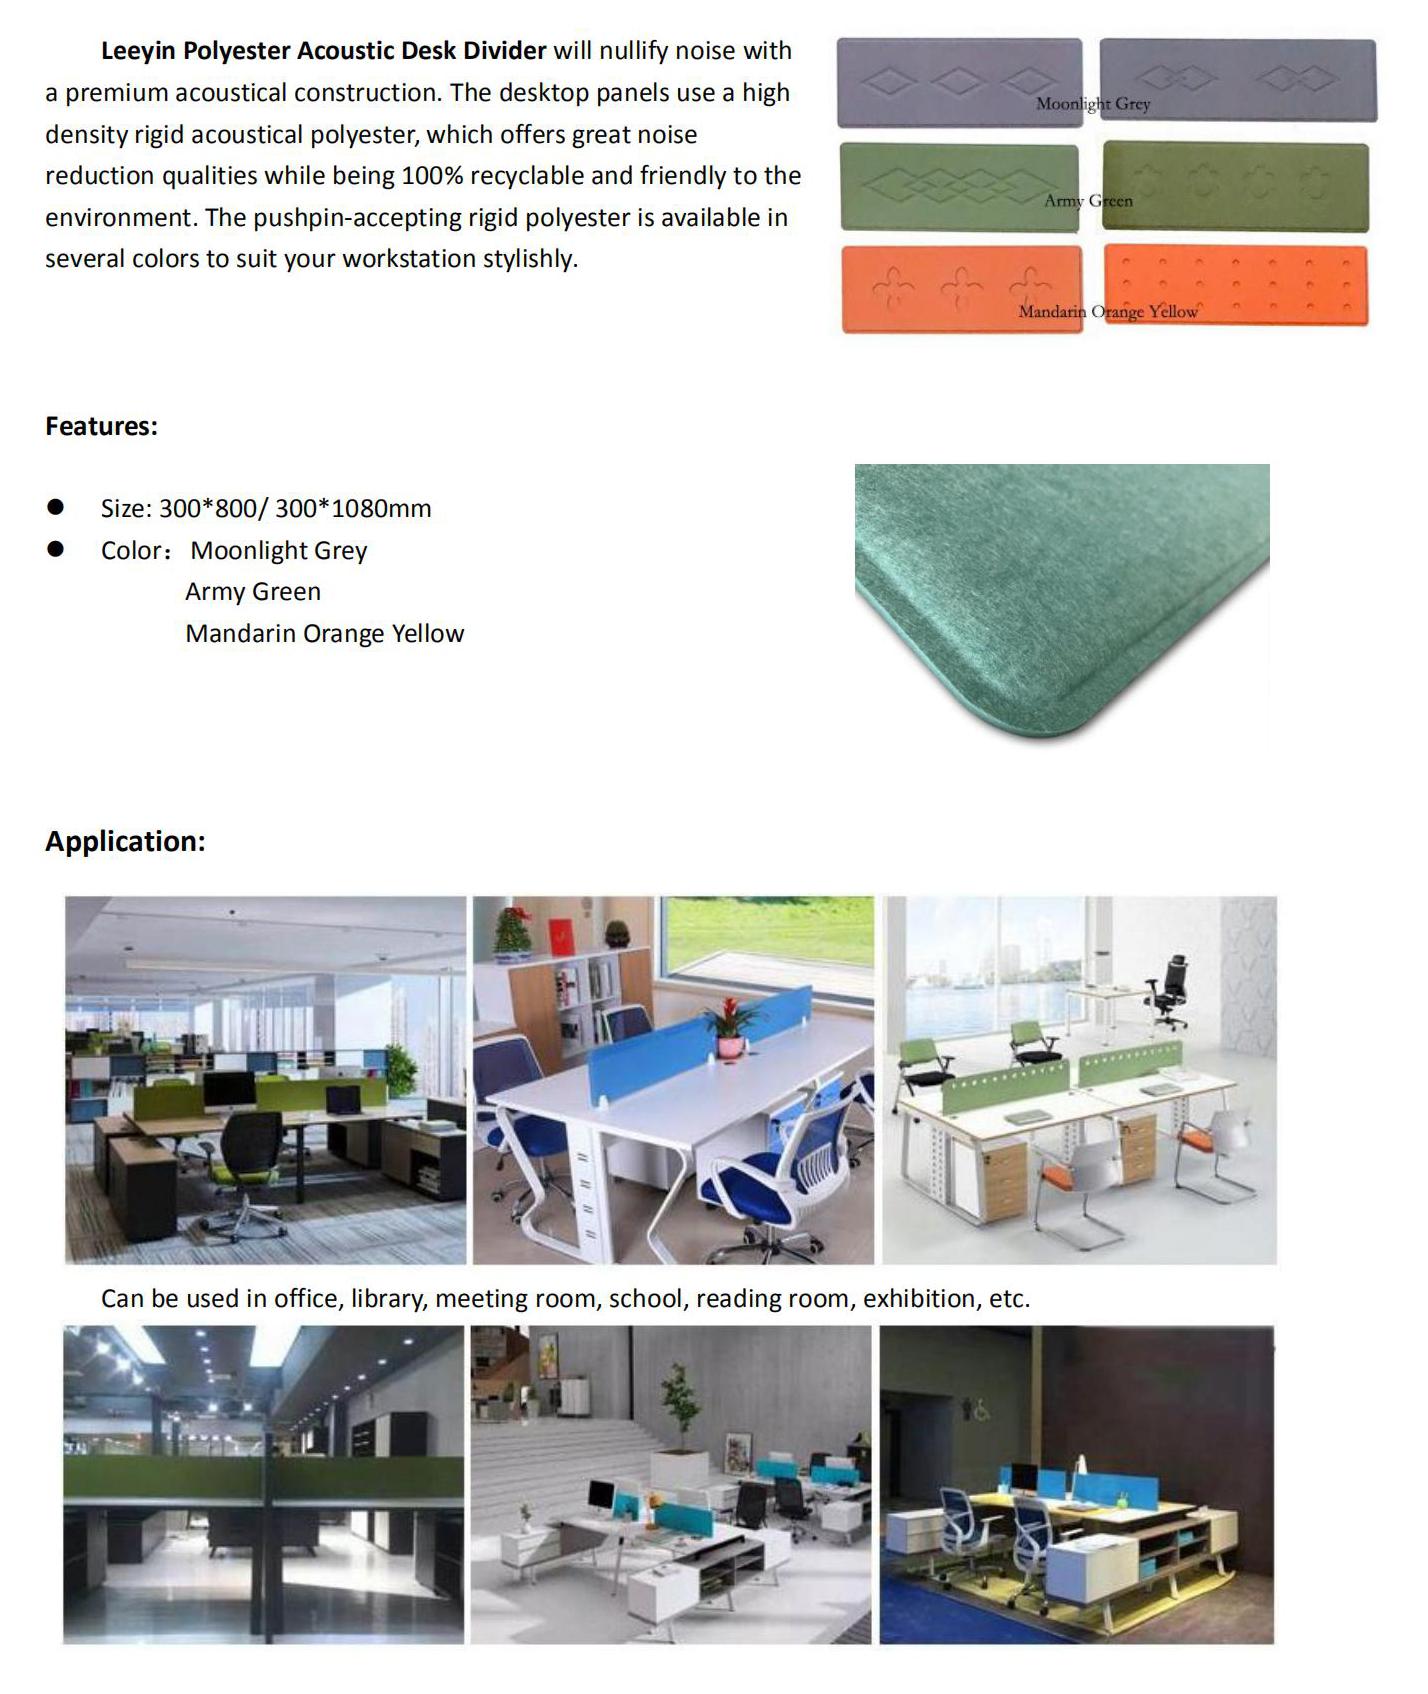 Polyester Acoustic Office Desk Divider